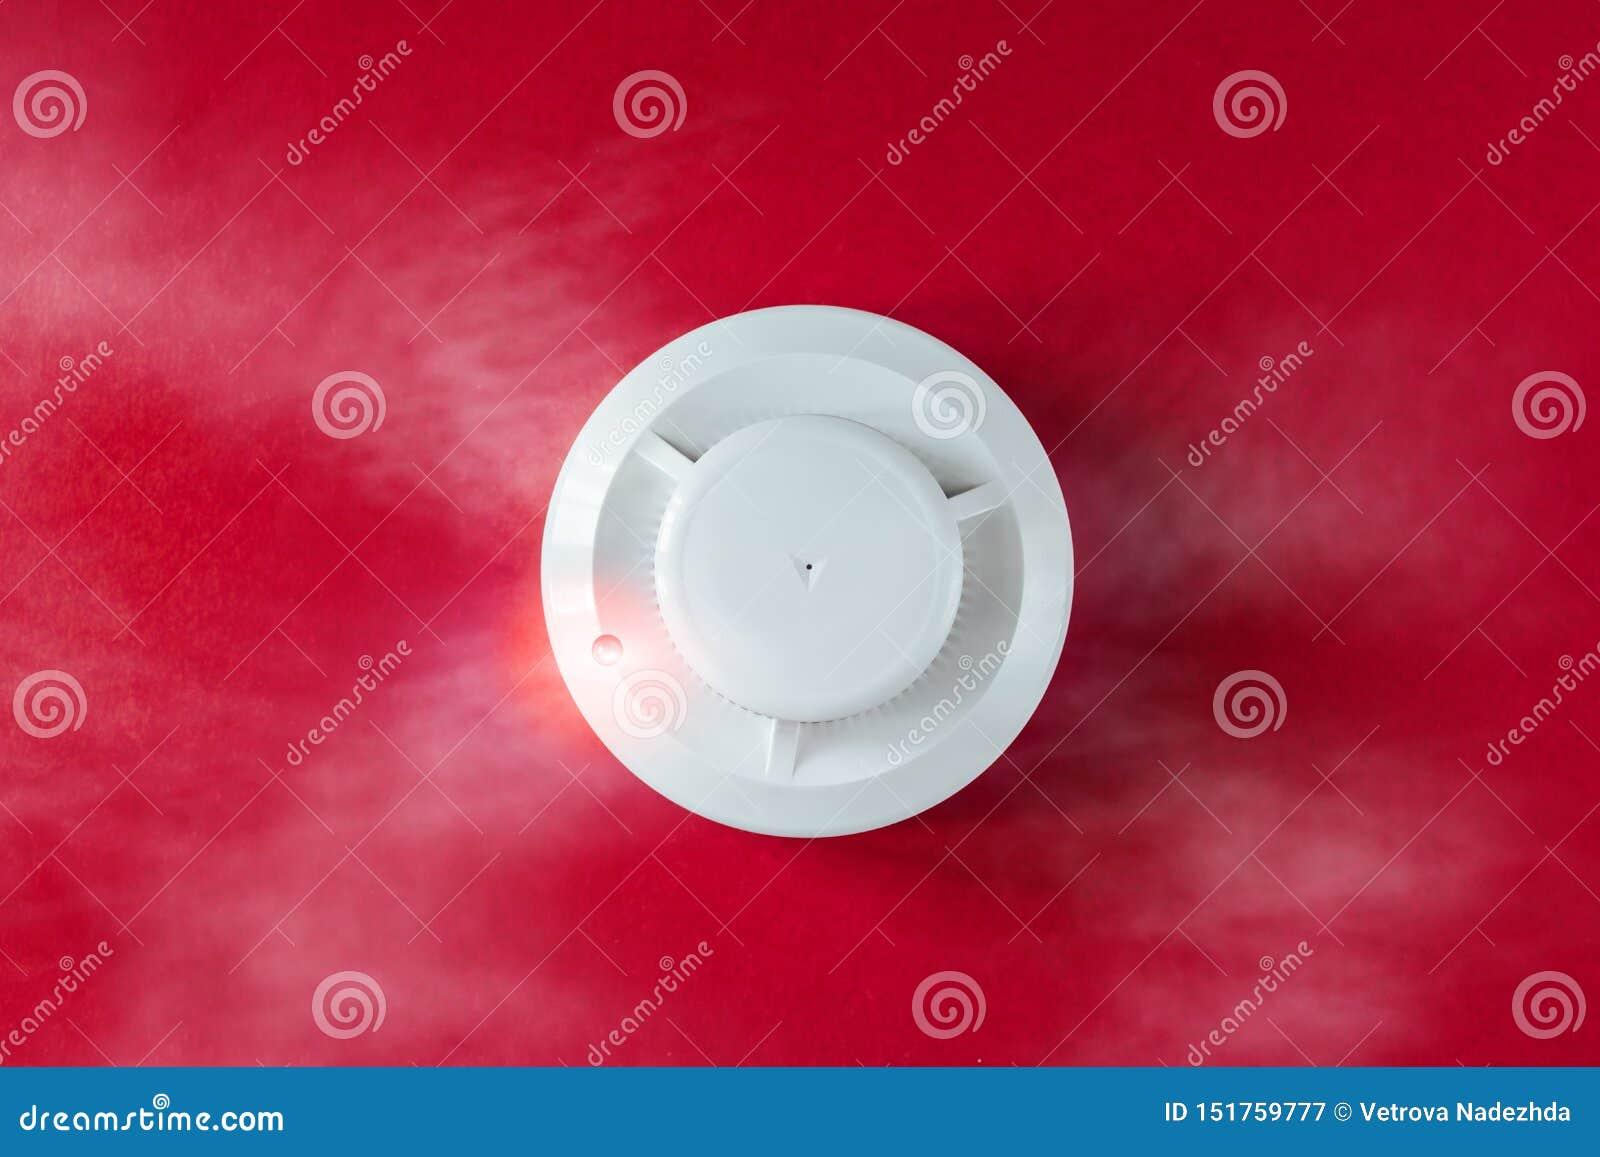 Rauchmelder und Feuermelder auf einem roten Hintergrund Flache Lage des Feuermelders